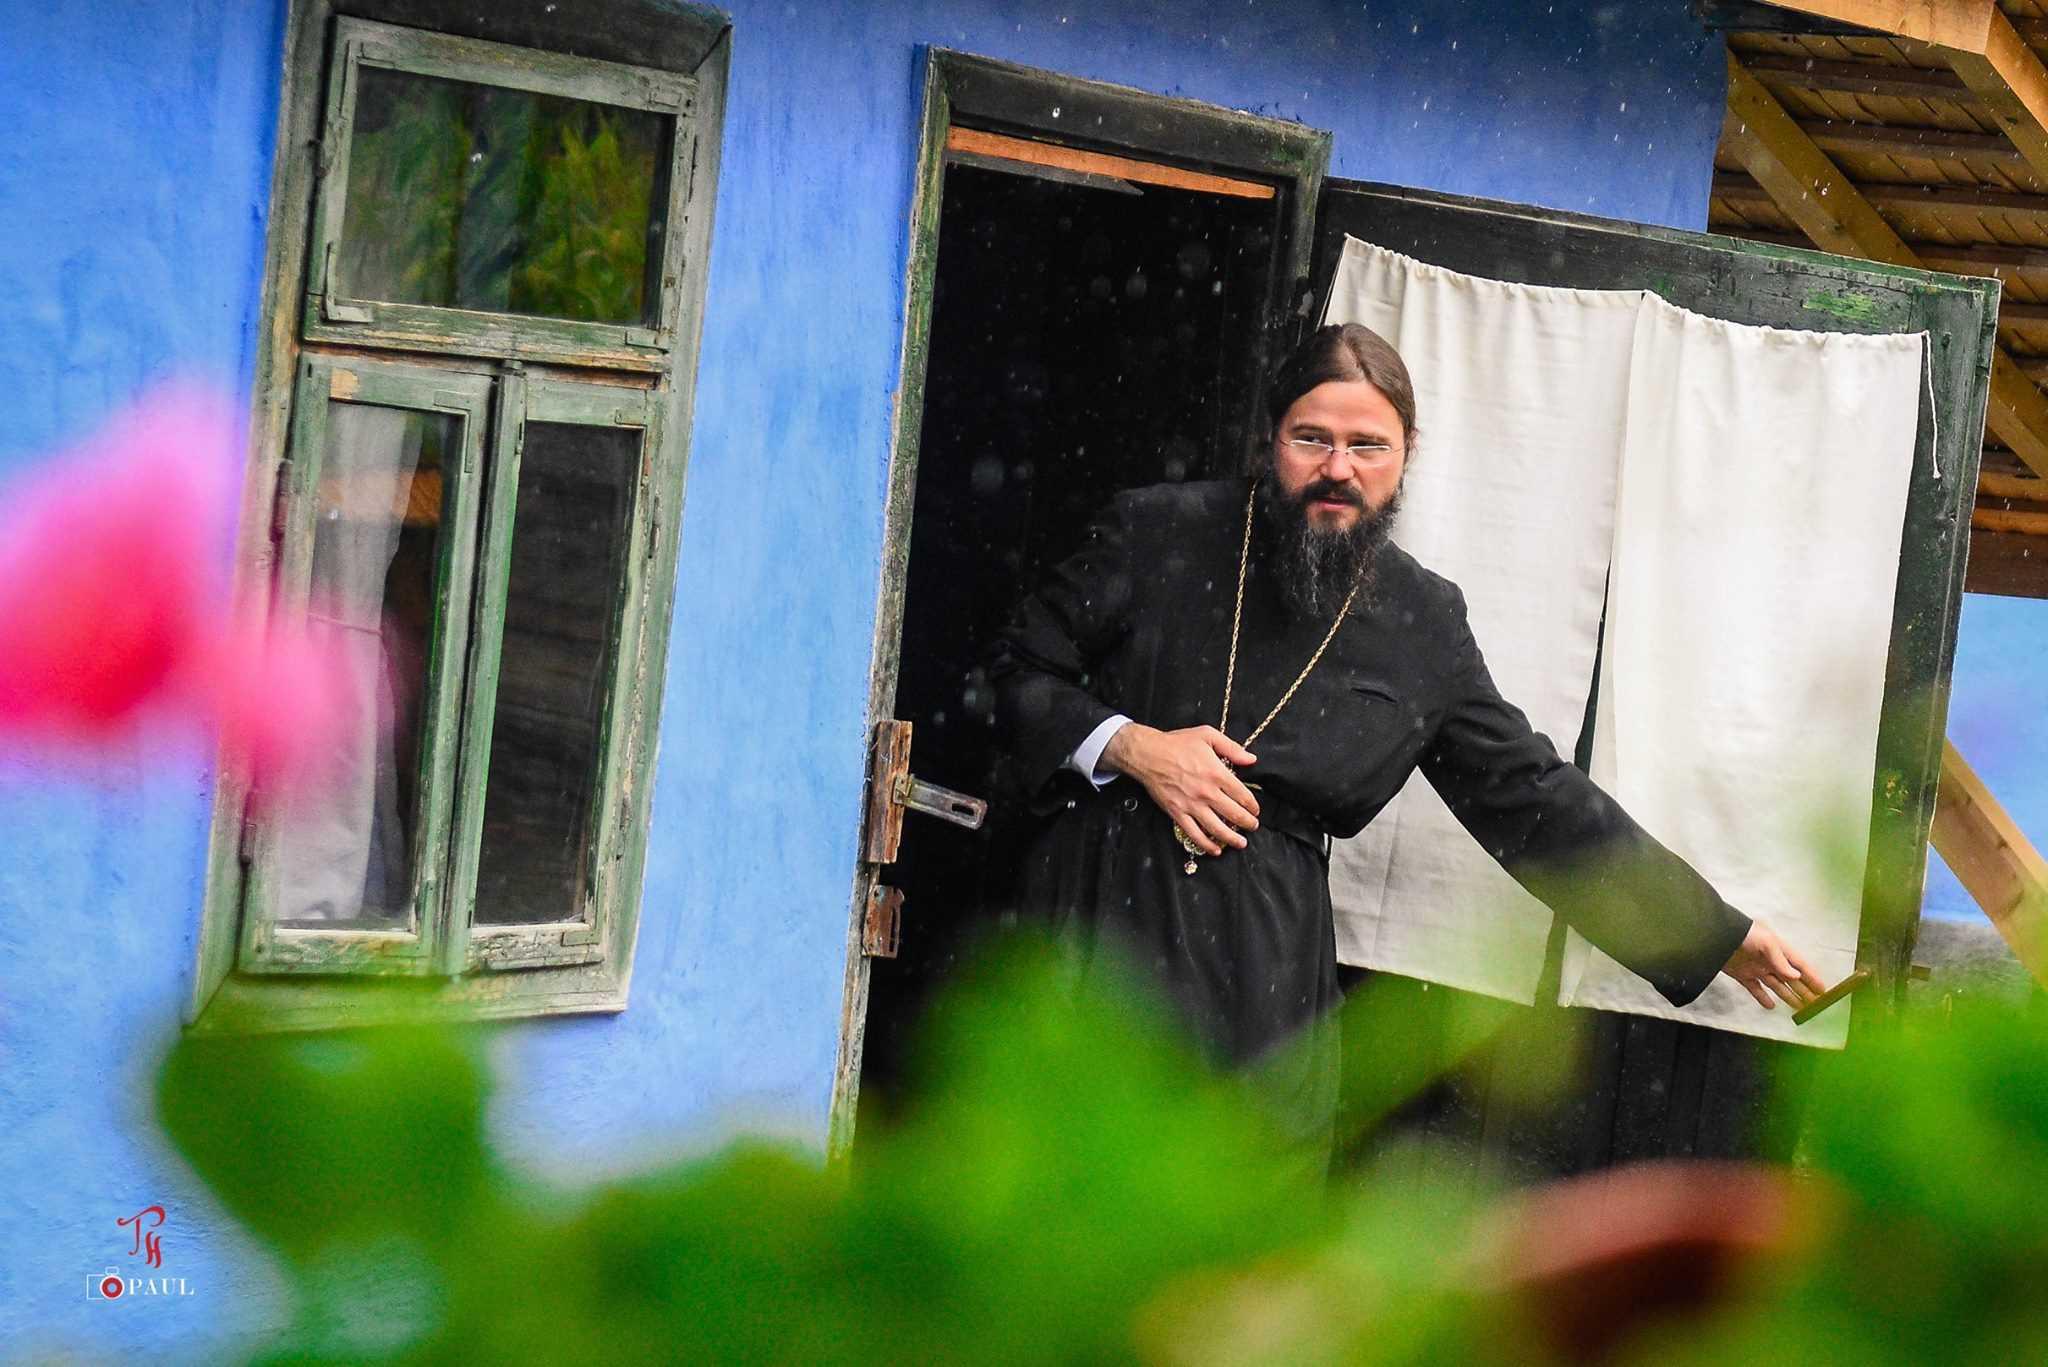 IPS Andrei si PS Macarie impreuna la inaugurarea CASEI TRADITIONALE, muzeu etnografic din Spermezeu infiintat de episcopul din Tarile Nordice (Video). <i>Dacă păstrăm credinţa şi valorile tradiţionale nu ne înghite valul vremelniciei</i>